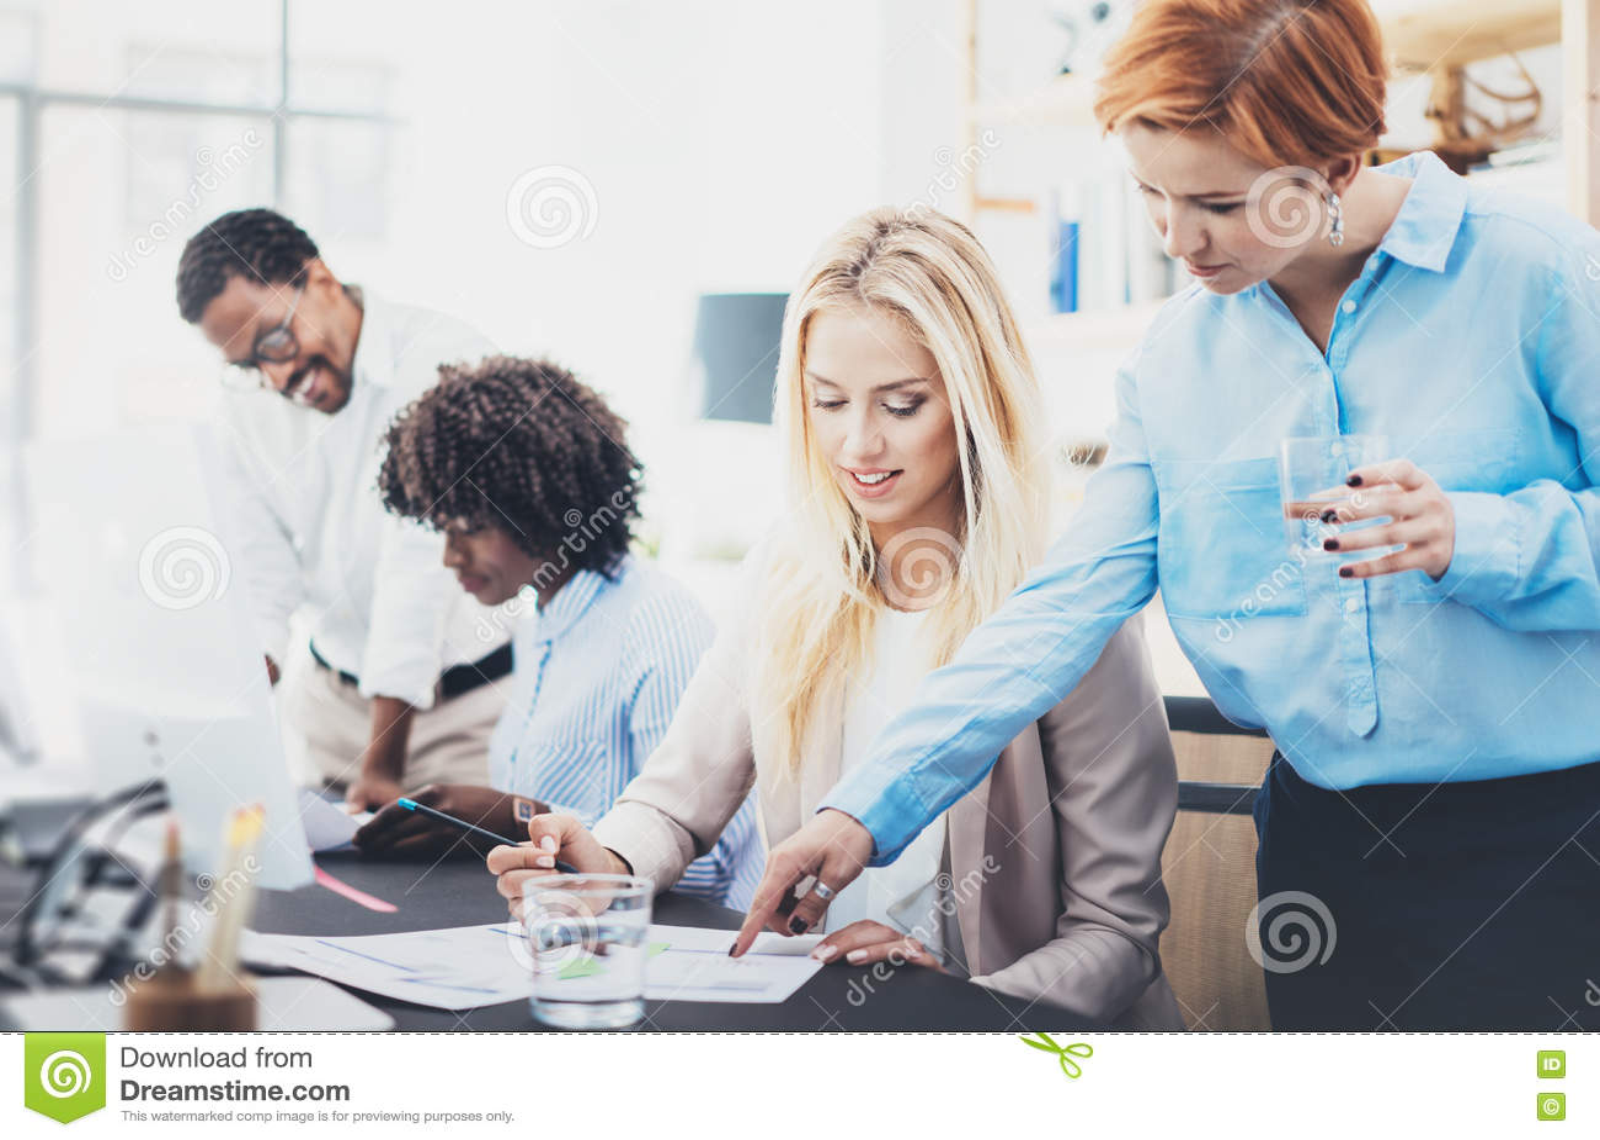 Grupa cztery coworkers dyskutuje plany biznesowych w biurze Młodzi ludzie robi doskonałym pomysłom Horyzontalny, zamazany tło,